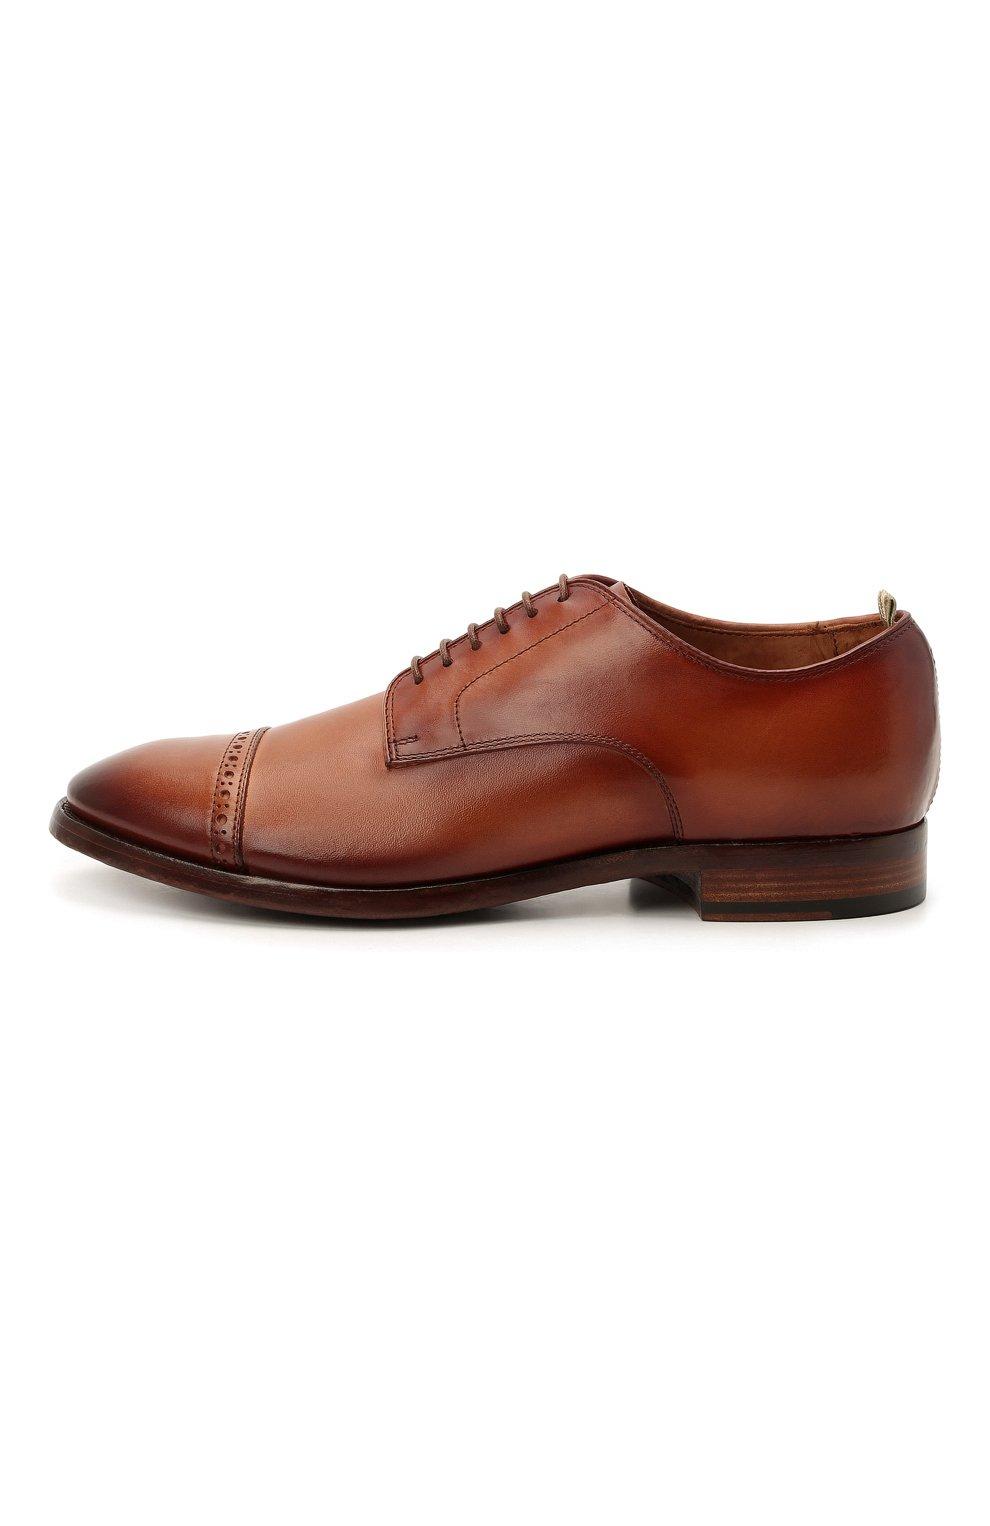 Мужские кожаные дерби OFFICINE CREATIVE коричневого цвета, арт. PR0VIDENCE/013/AER0 CANY0N   Фото 3 (Мужское Кросс-КТ: Броги-обувь; Материал внутренний: Натуральная кожа; Стили: Классический)